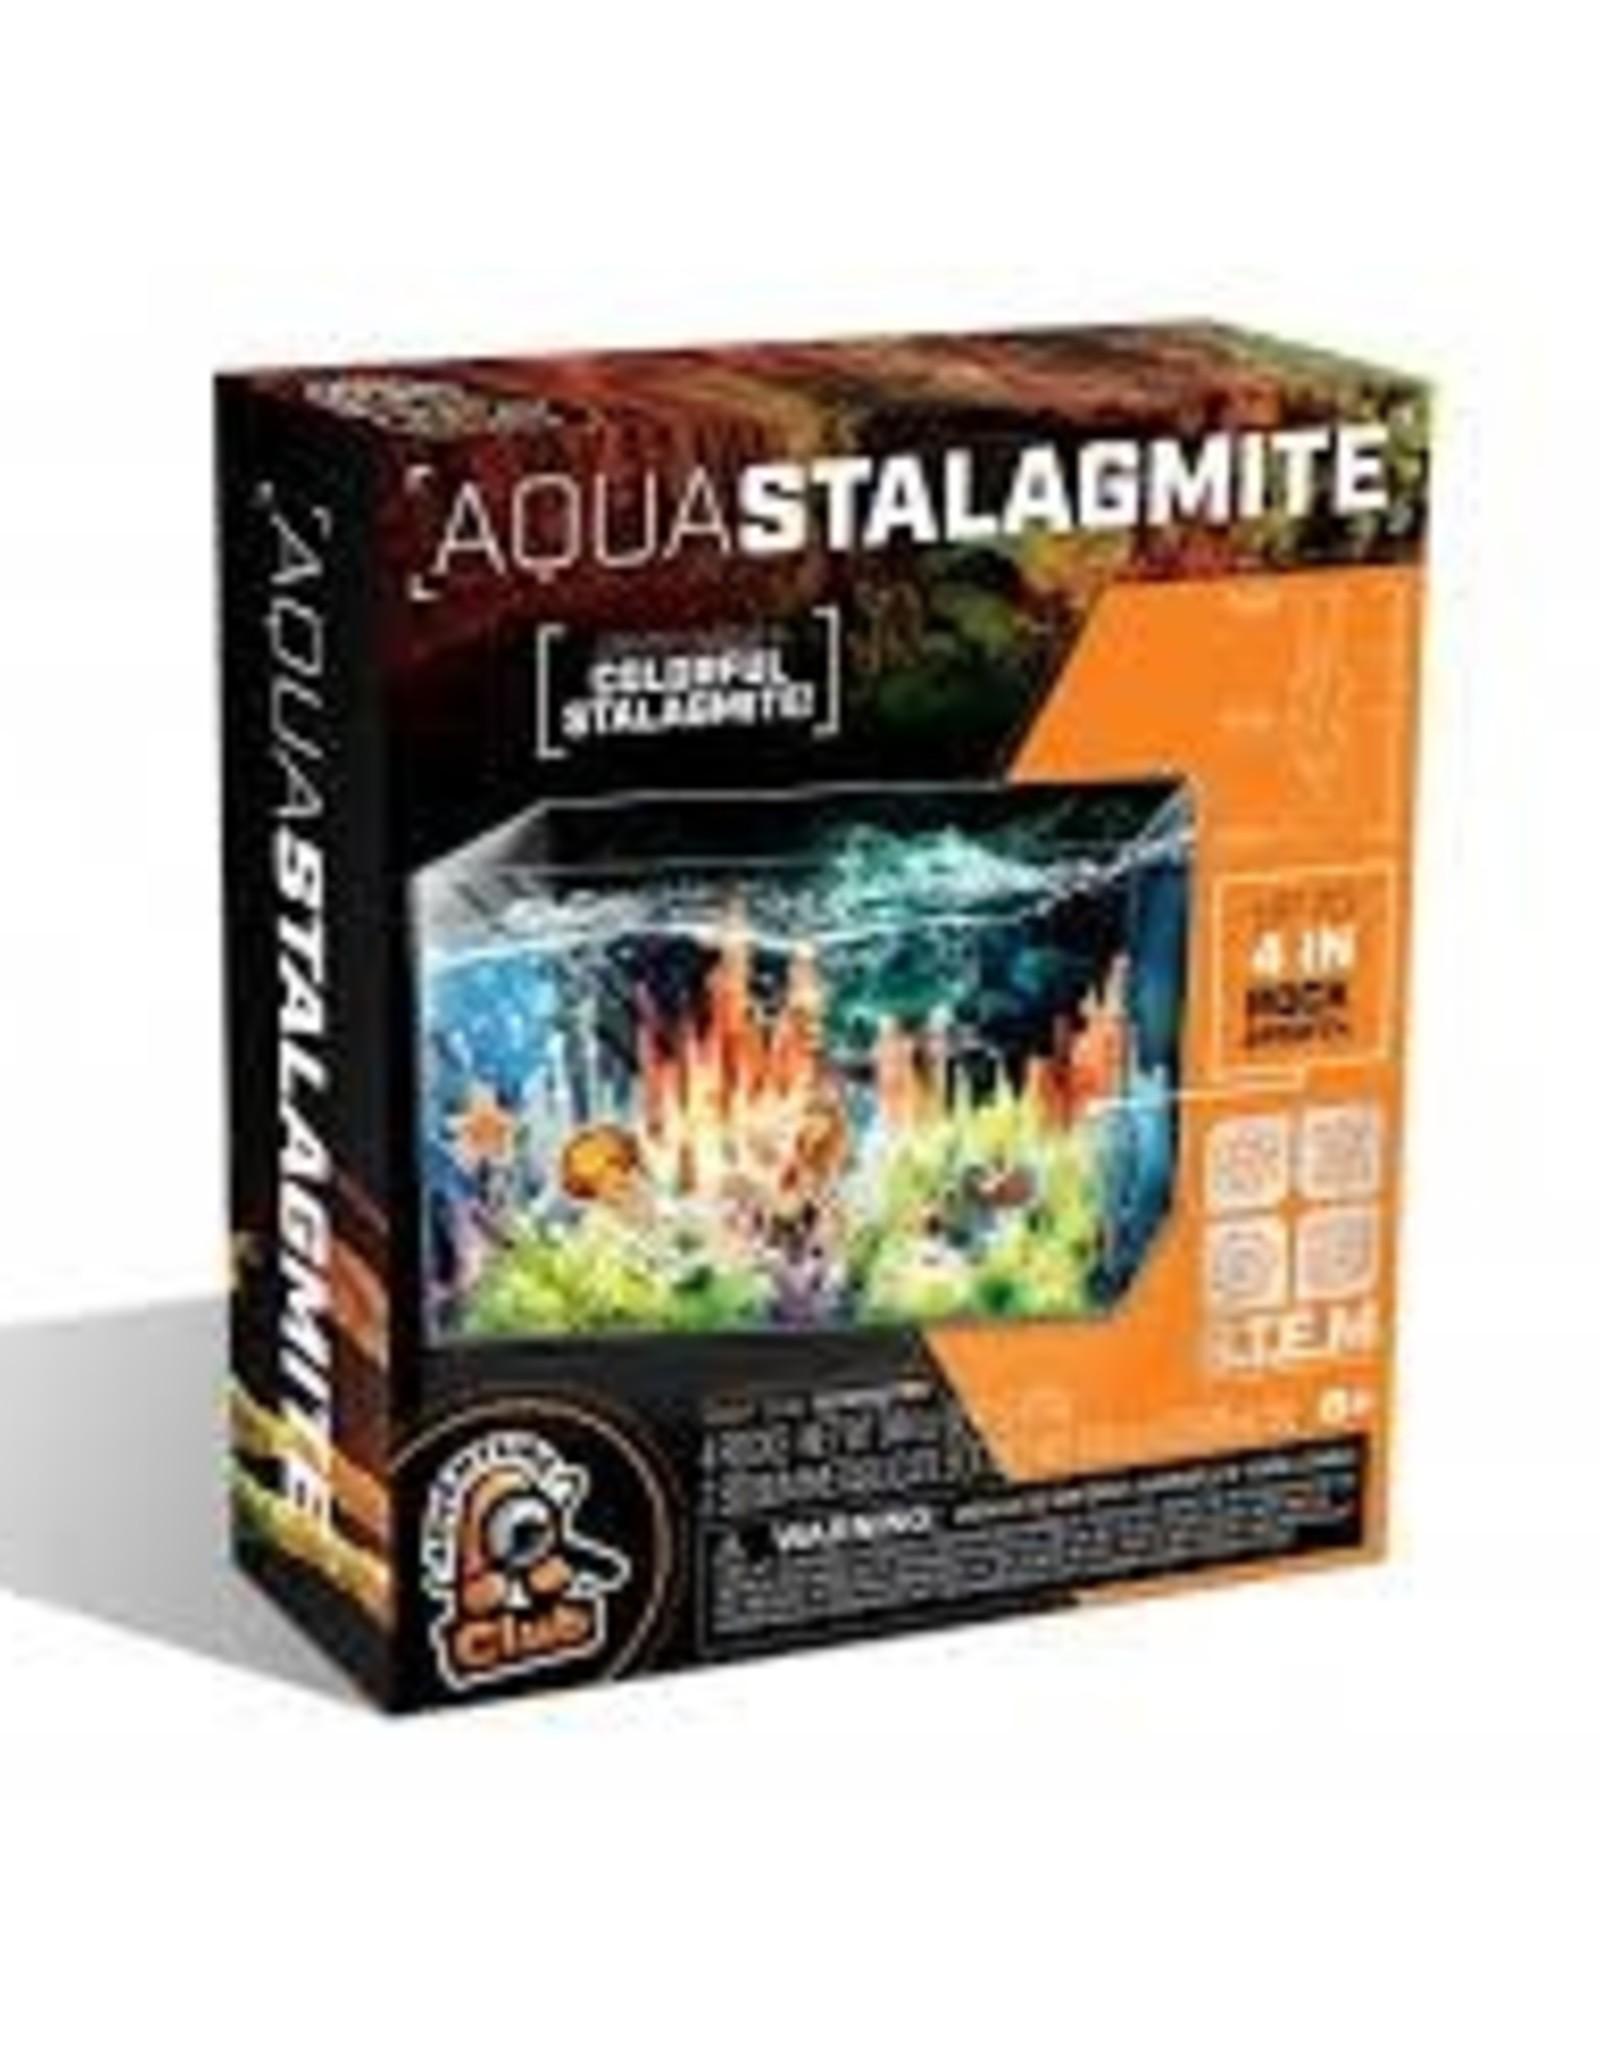 Aqua Stalagmite